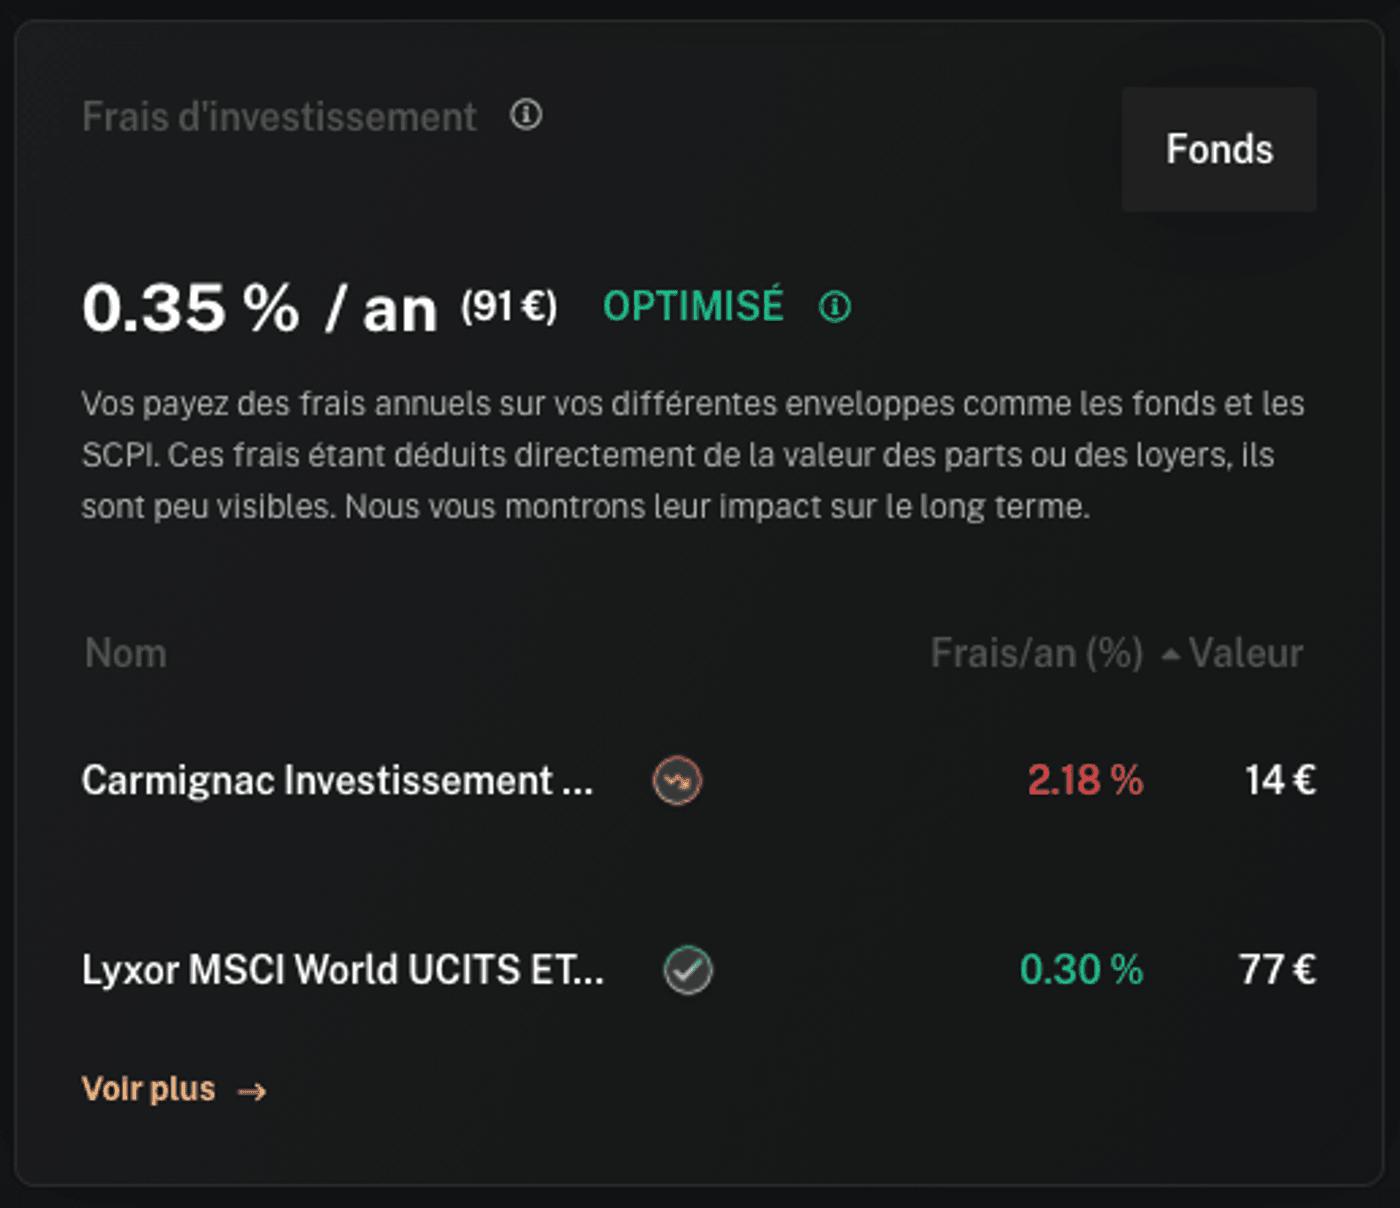 Interface Finary capture écran frais d'investissement